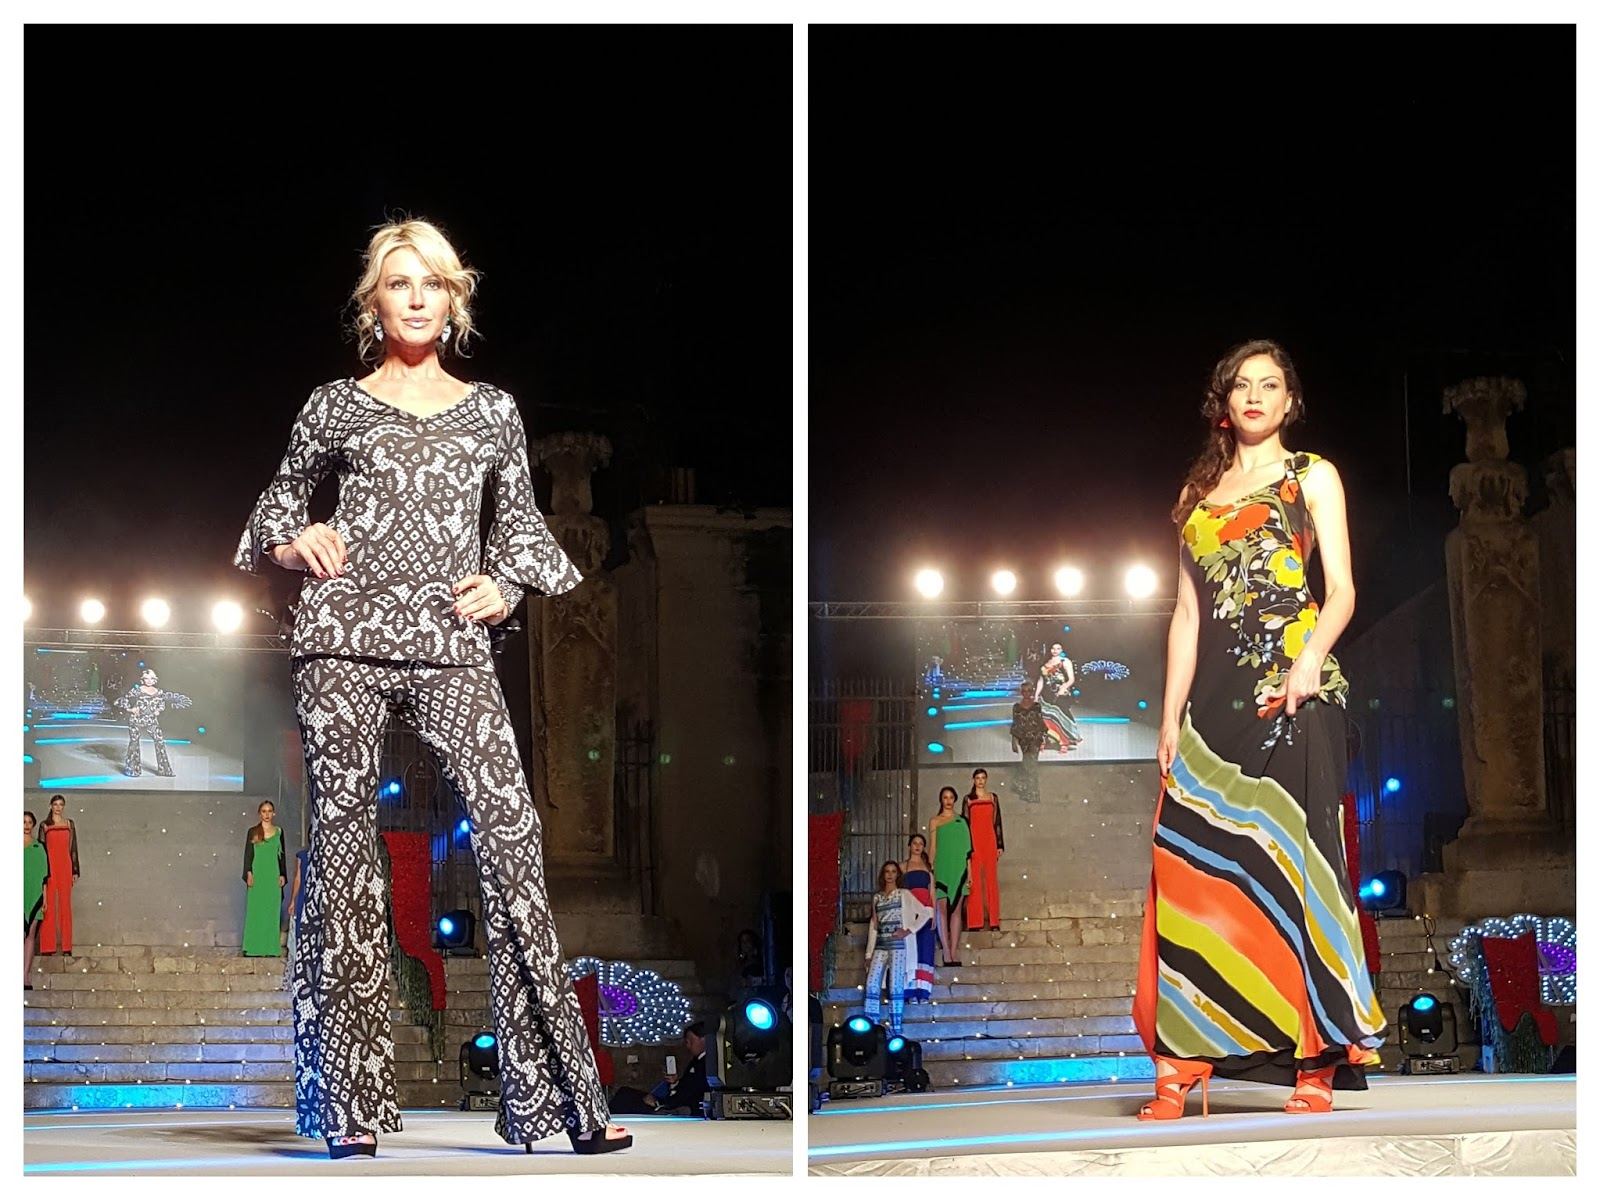 lasciarpaviola, claudiamagro, blogger, la_sciarpa_viola, claudia_magro, fashion, models